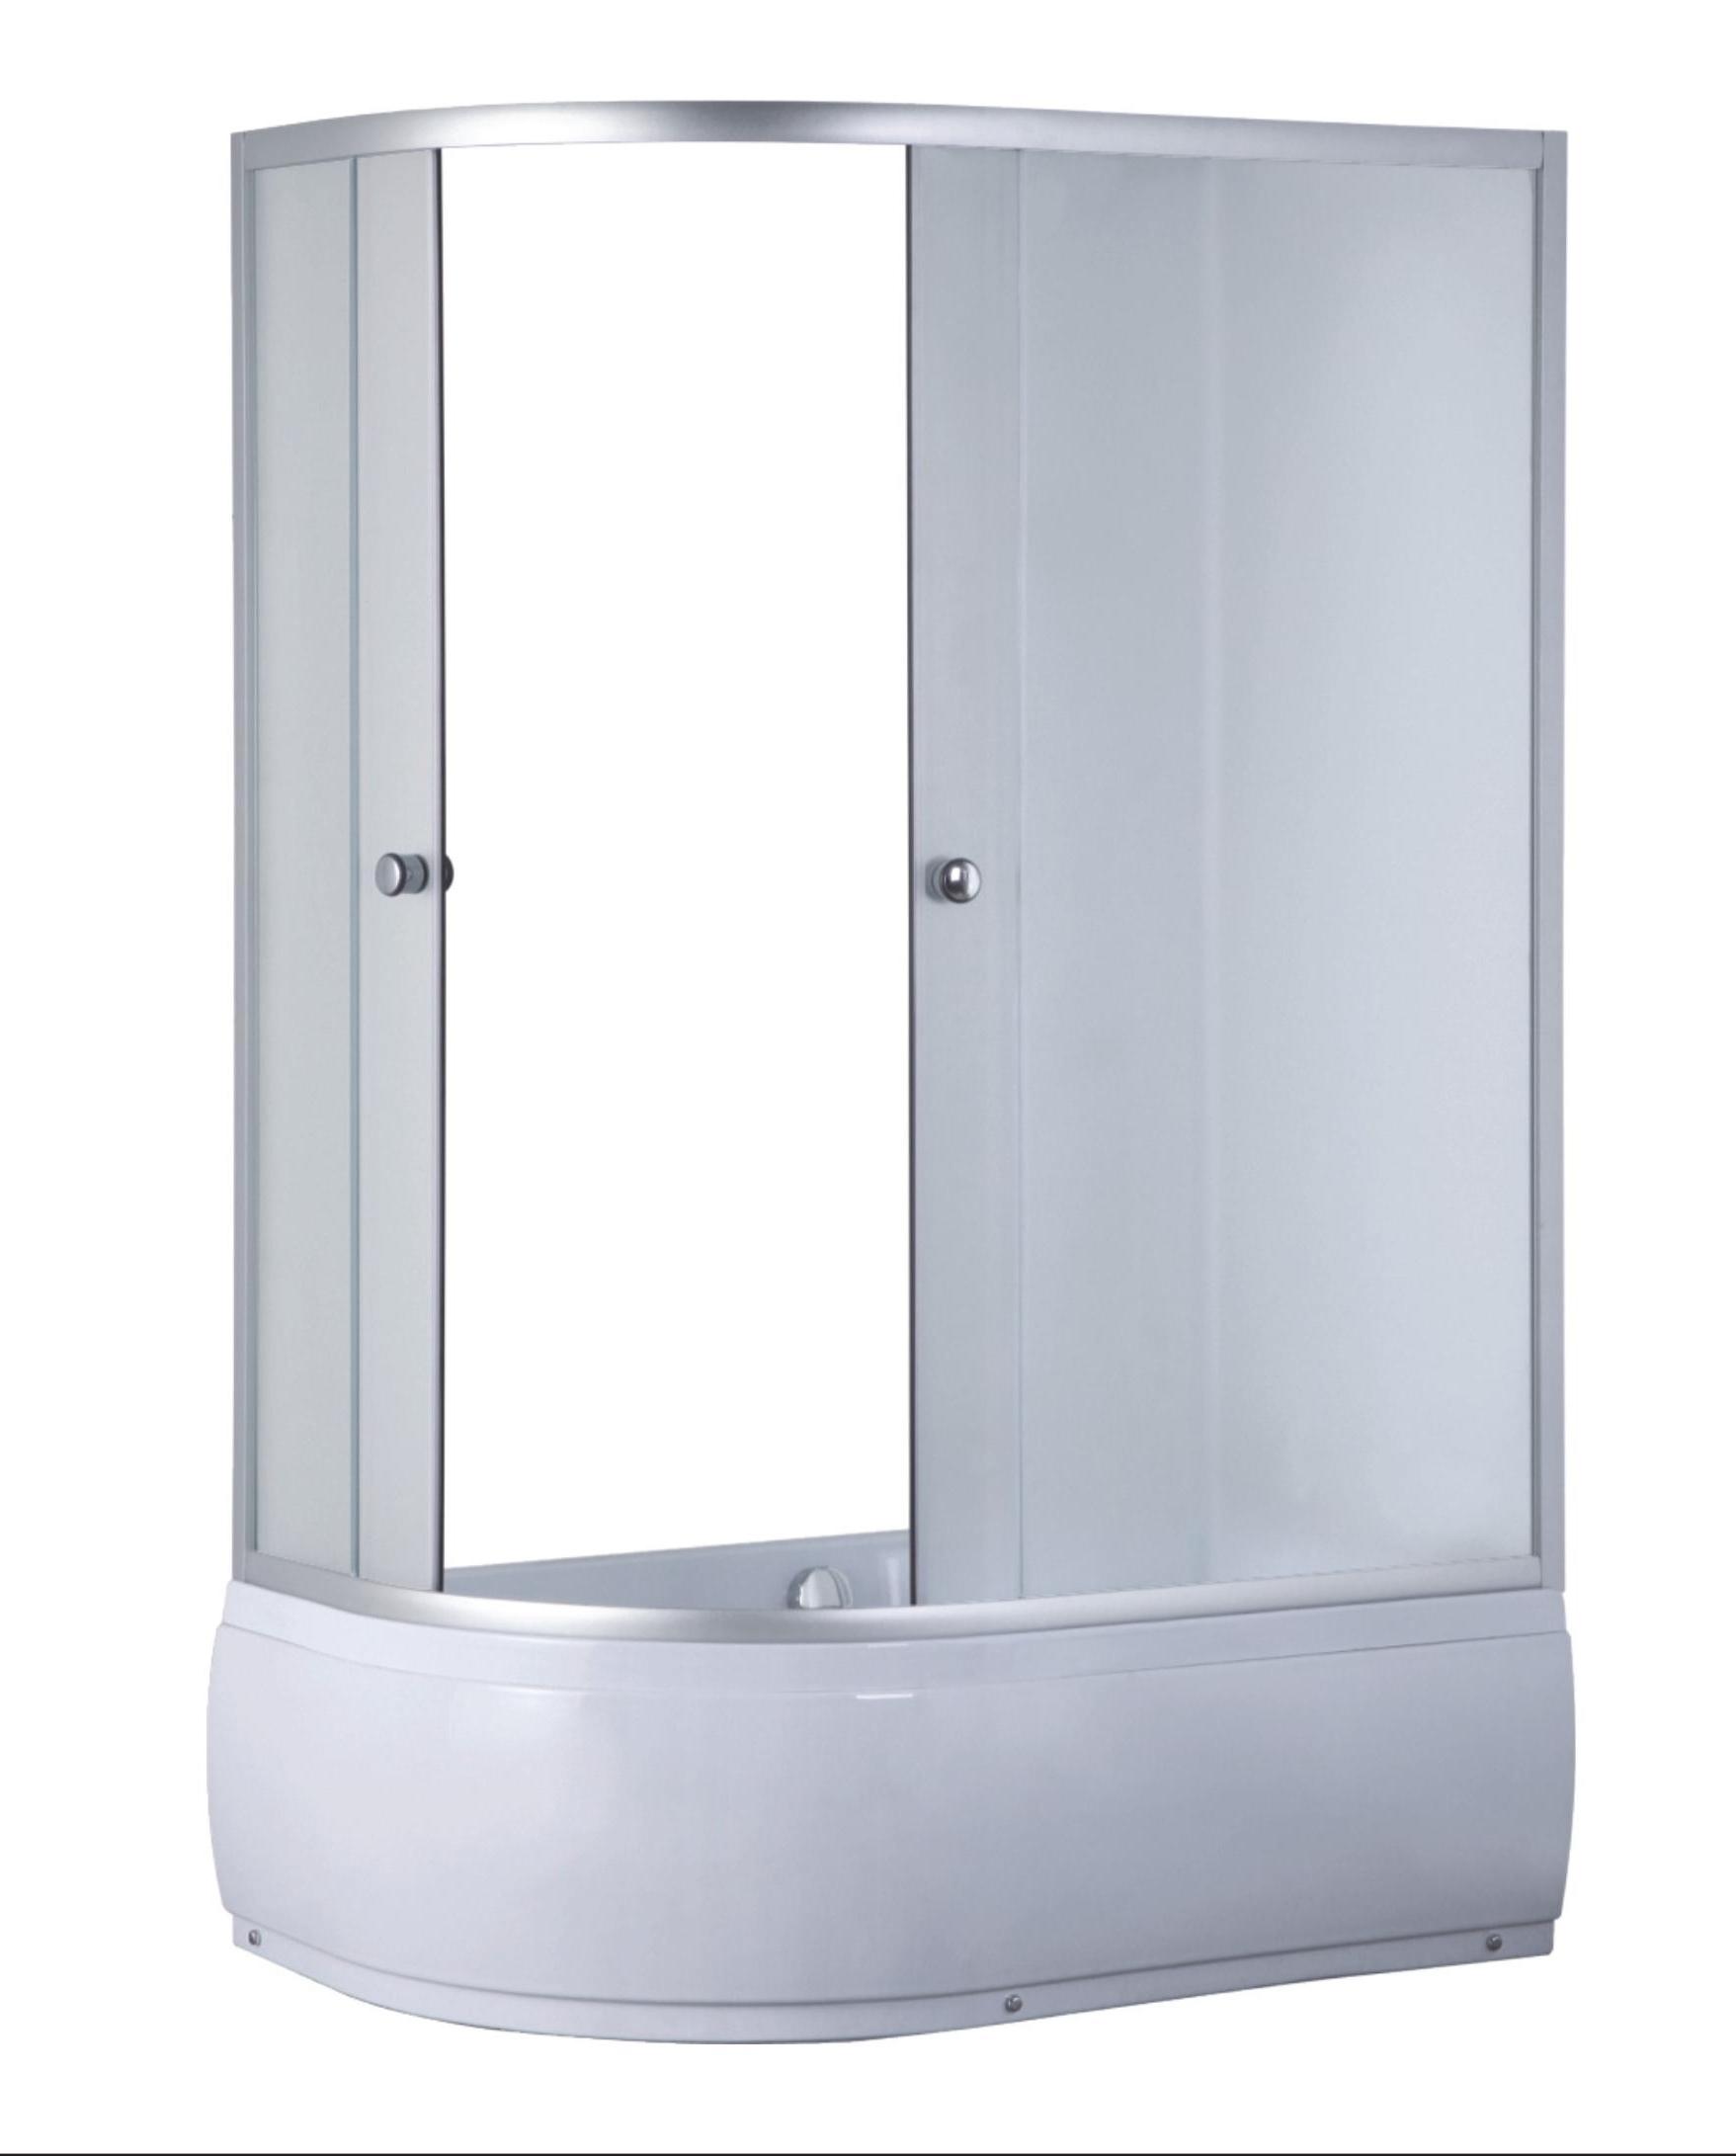 DURHAM 120 P Well sprchový kout s vysoku vaničkou, skladem, doprava zdarma